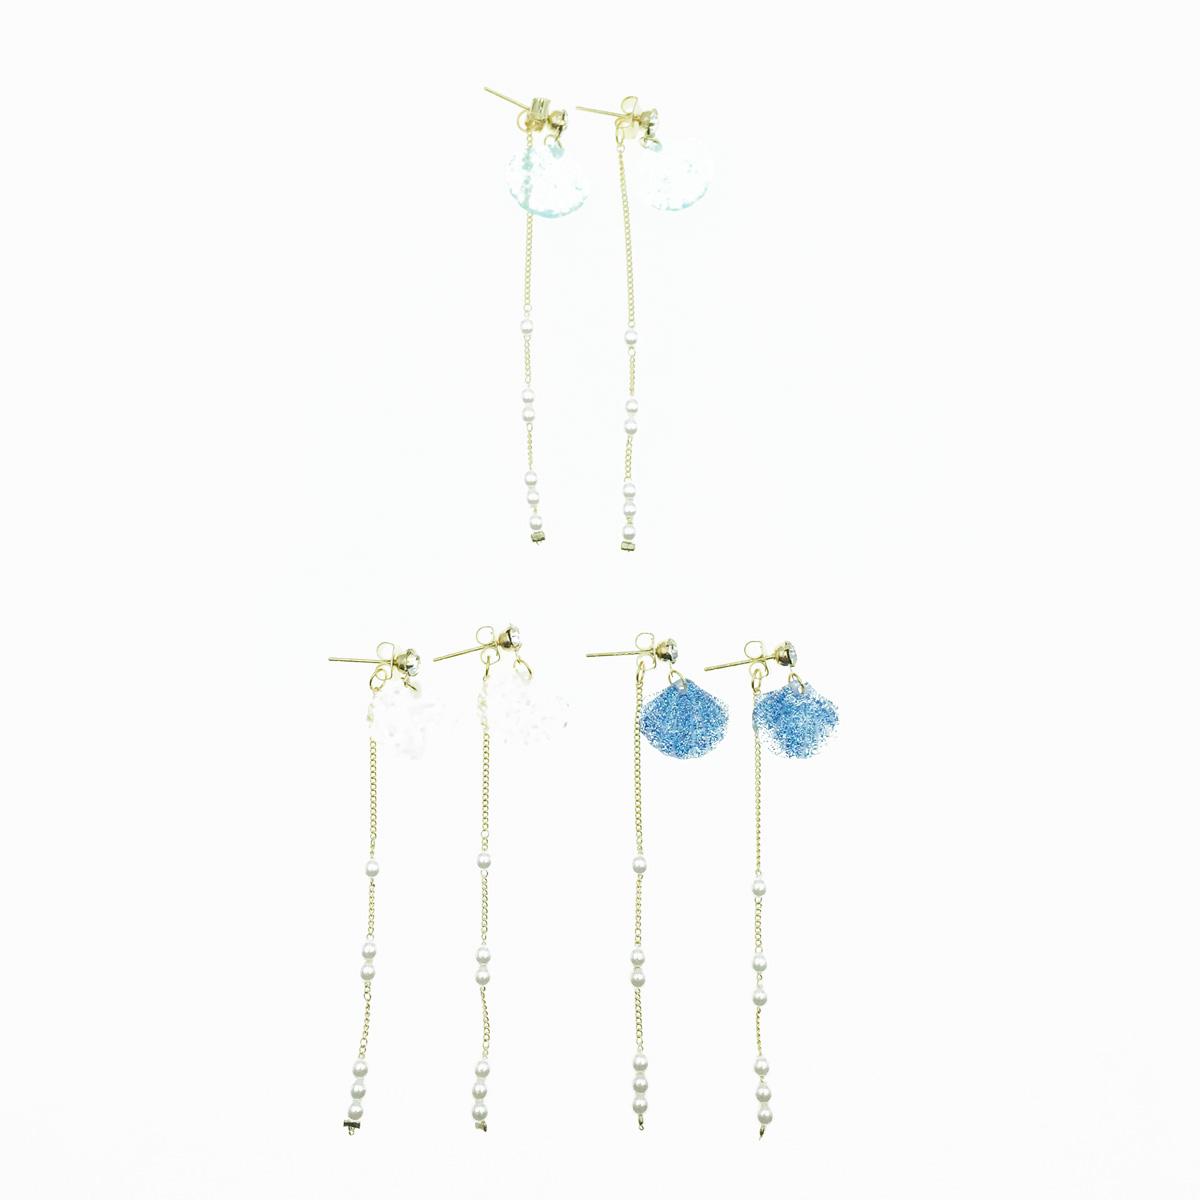 韓國 925純銀 貝殼 水鑽 金蔥 珍珠 海洋風 3色 垂墜感 耳針式耳環